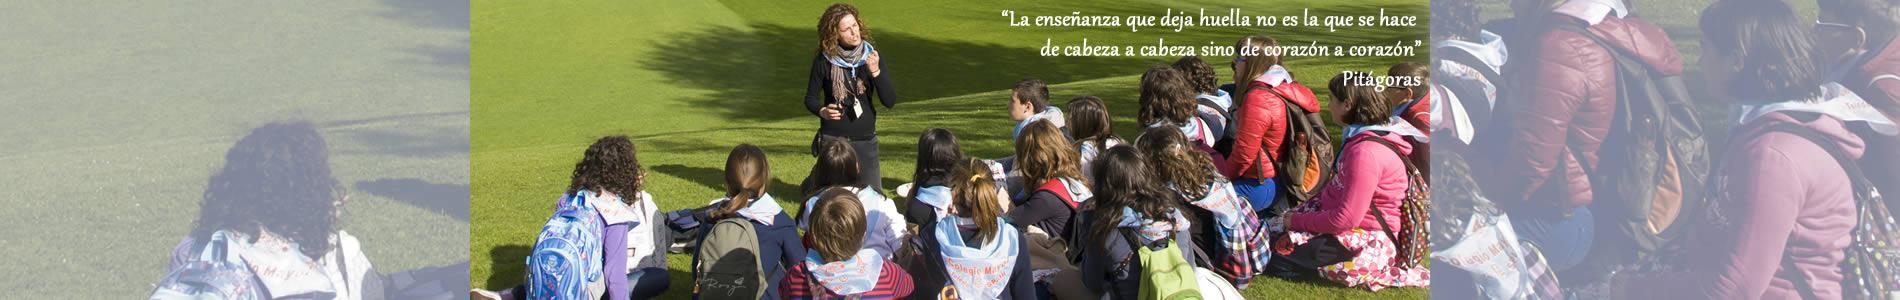 COLEGIO MAYOL - COLEGIO INTERNADO - EDUCACIÓN INFANTIL GUARDERIA II